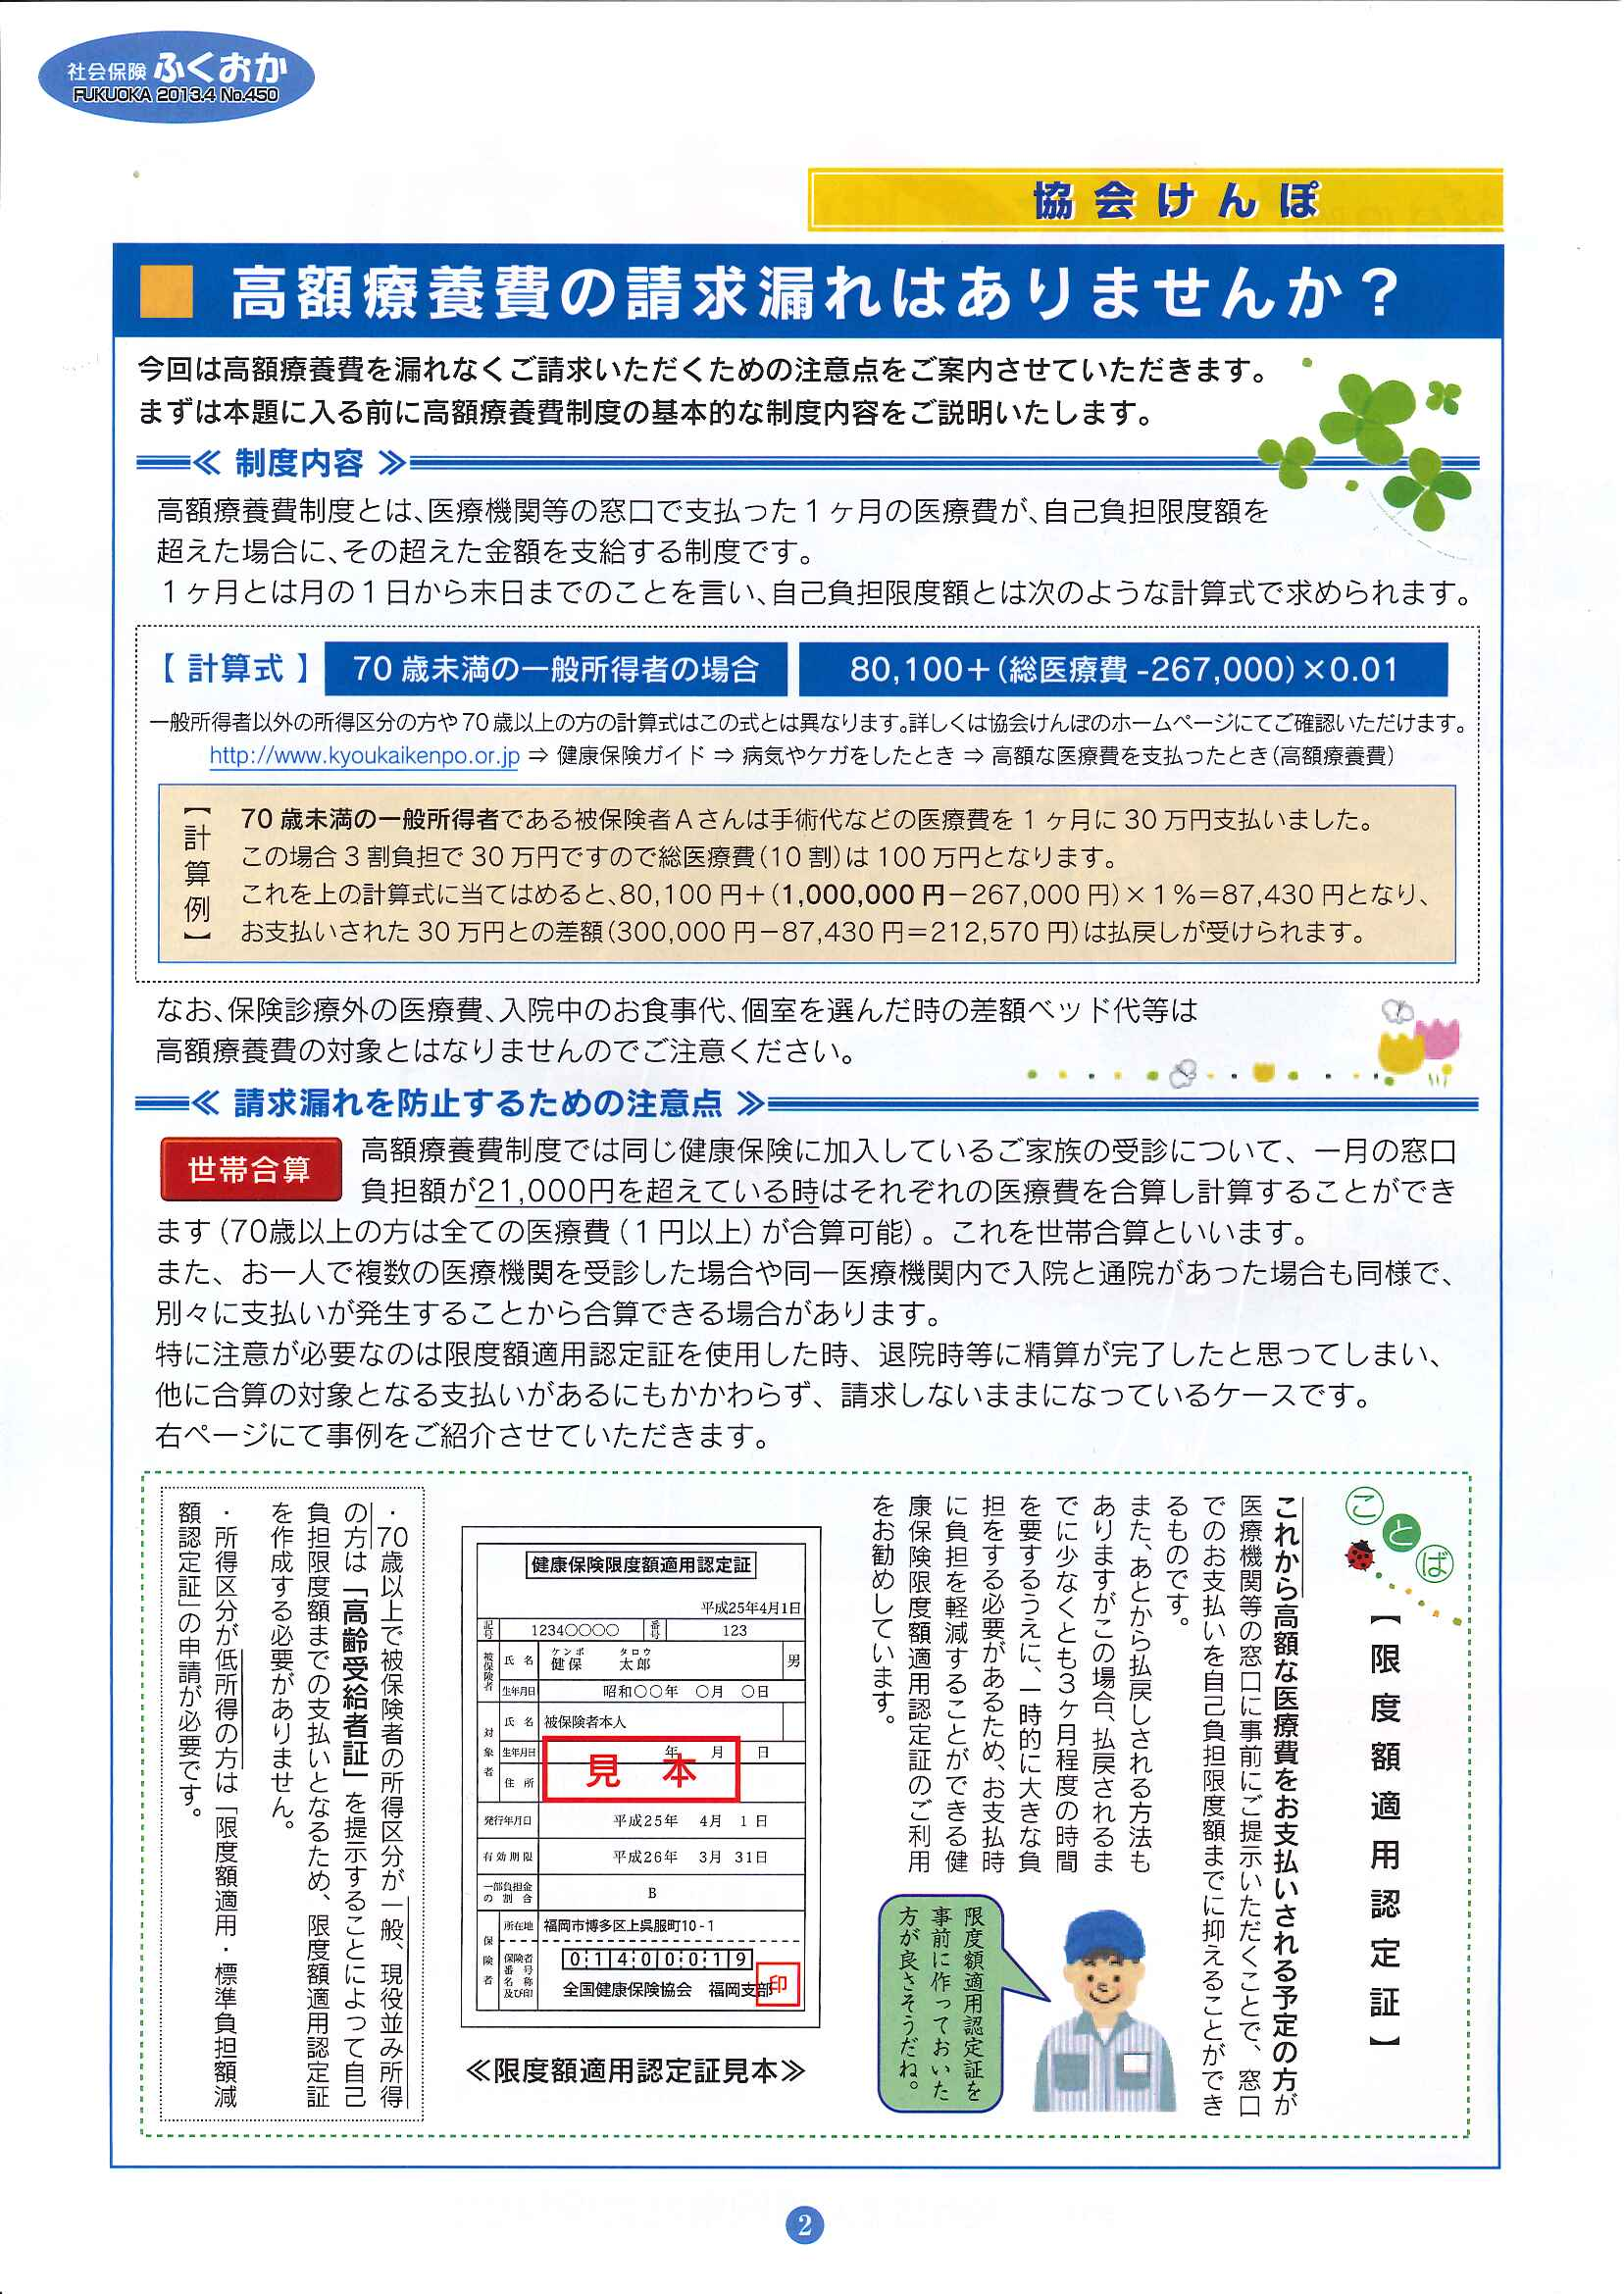 社会保険 「ふくおか」 2013年4月号_f0120774_15293127.jpg